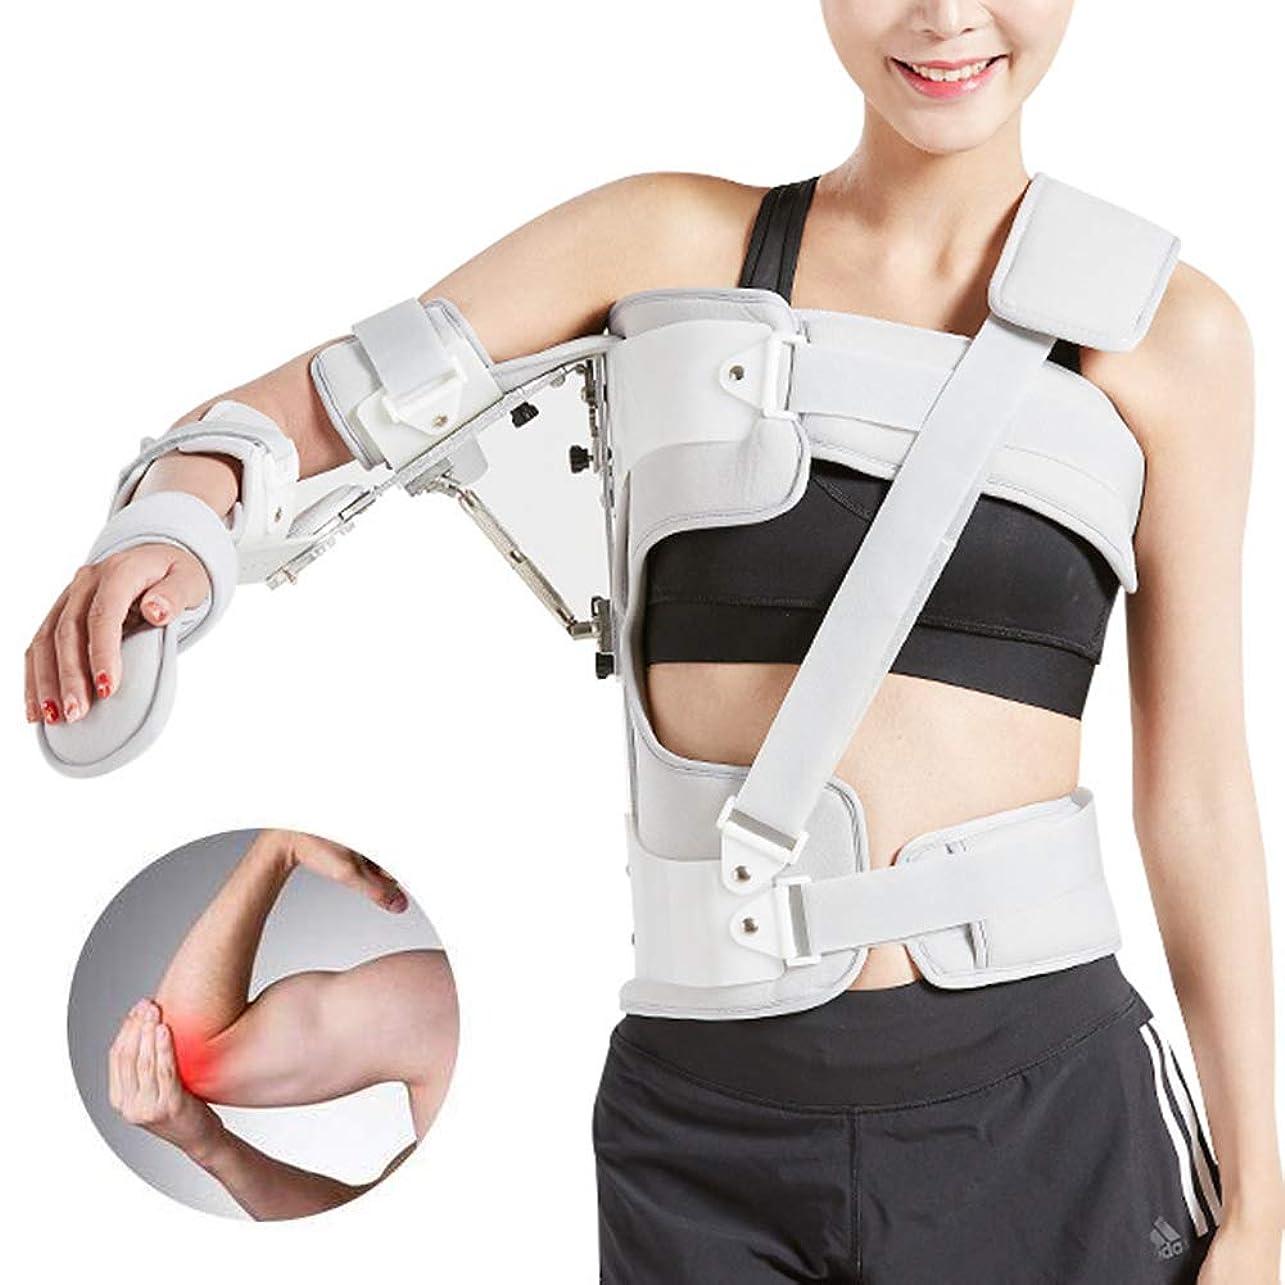 ぶら下がる恐ろしい確保する調節可能なアームスリング外転枕骨折肘サポートブレース、傷害回復アーム固定、転位回旋腱板滑液包炎腱炎、ワンサイズ - ユニセックス